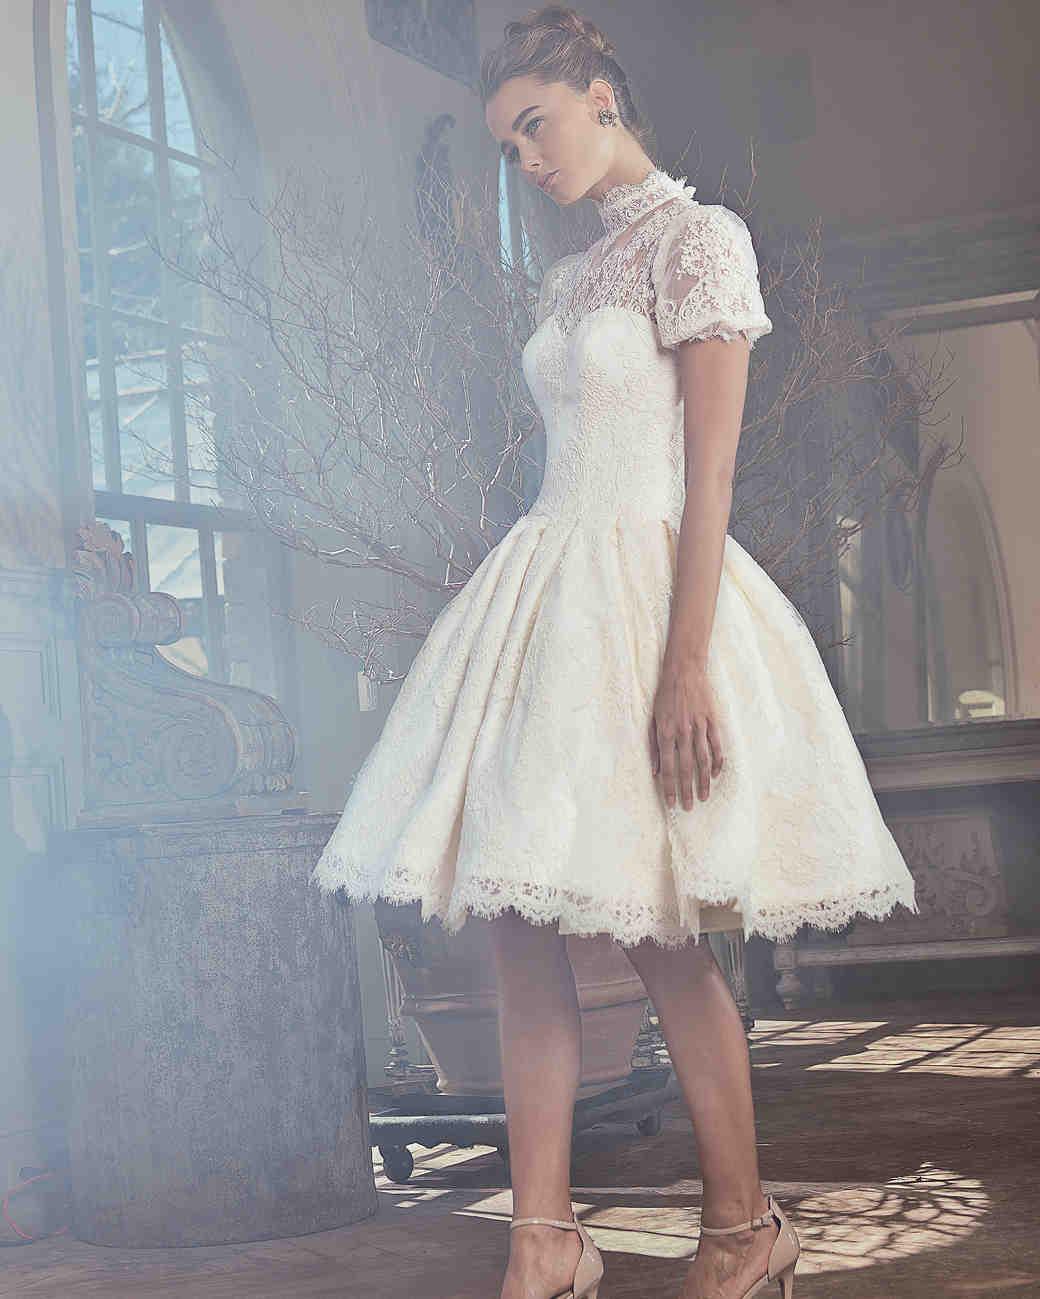 Dorable Wedding Dress Shops Midlands Ensign - All Wedding Dresses ...